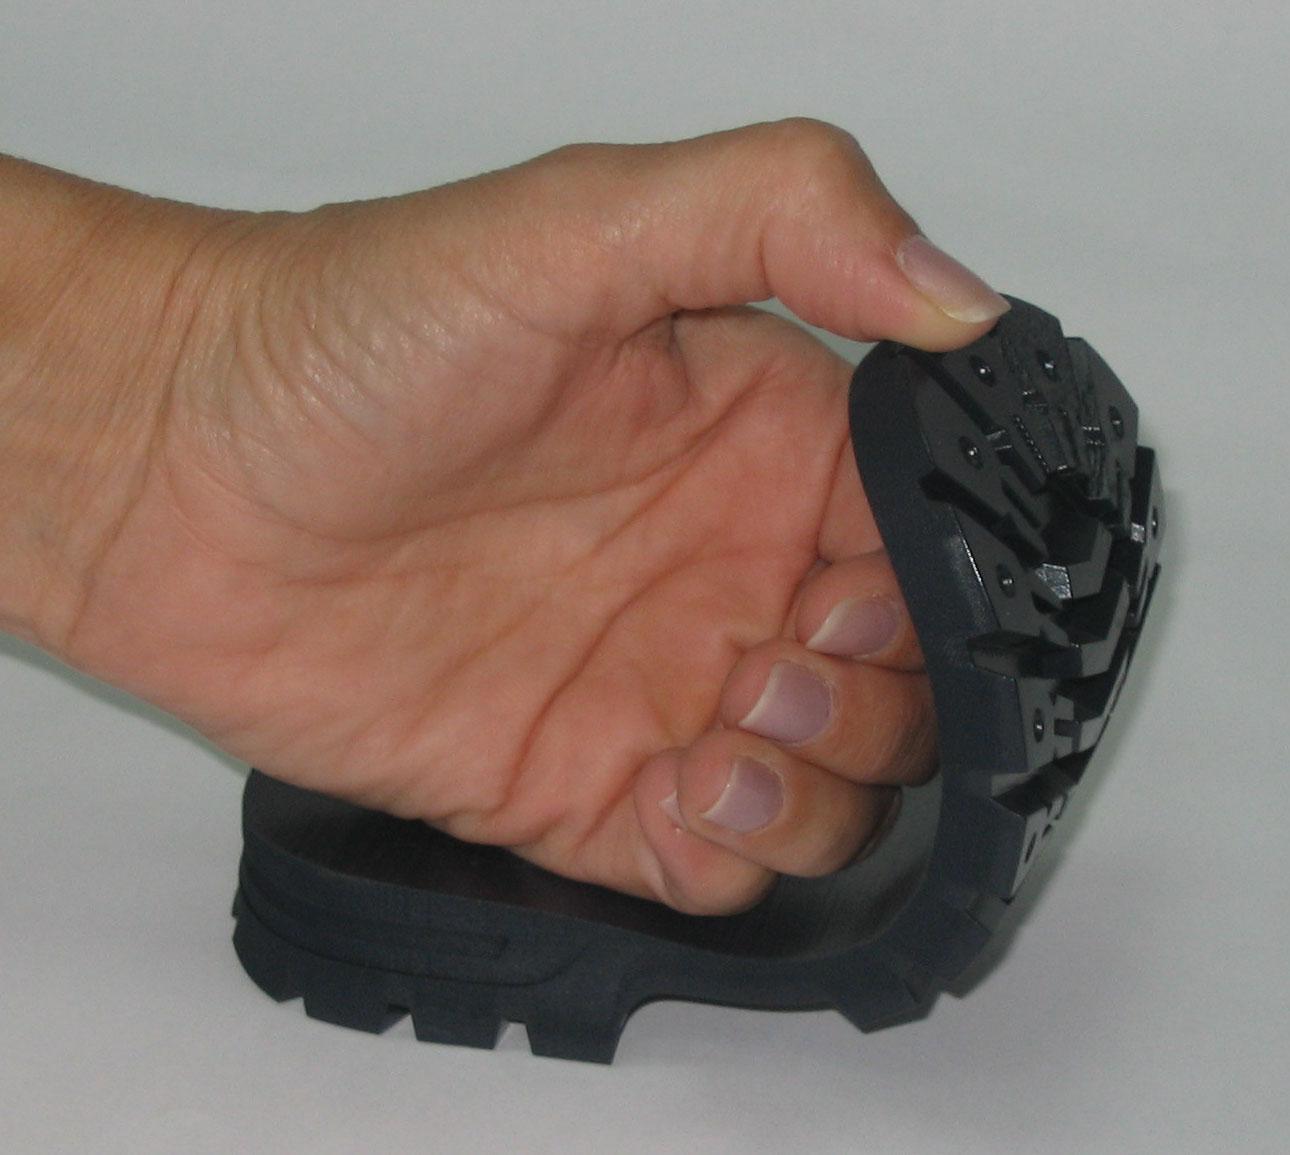 Rubber Prototype